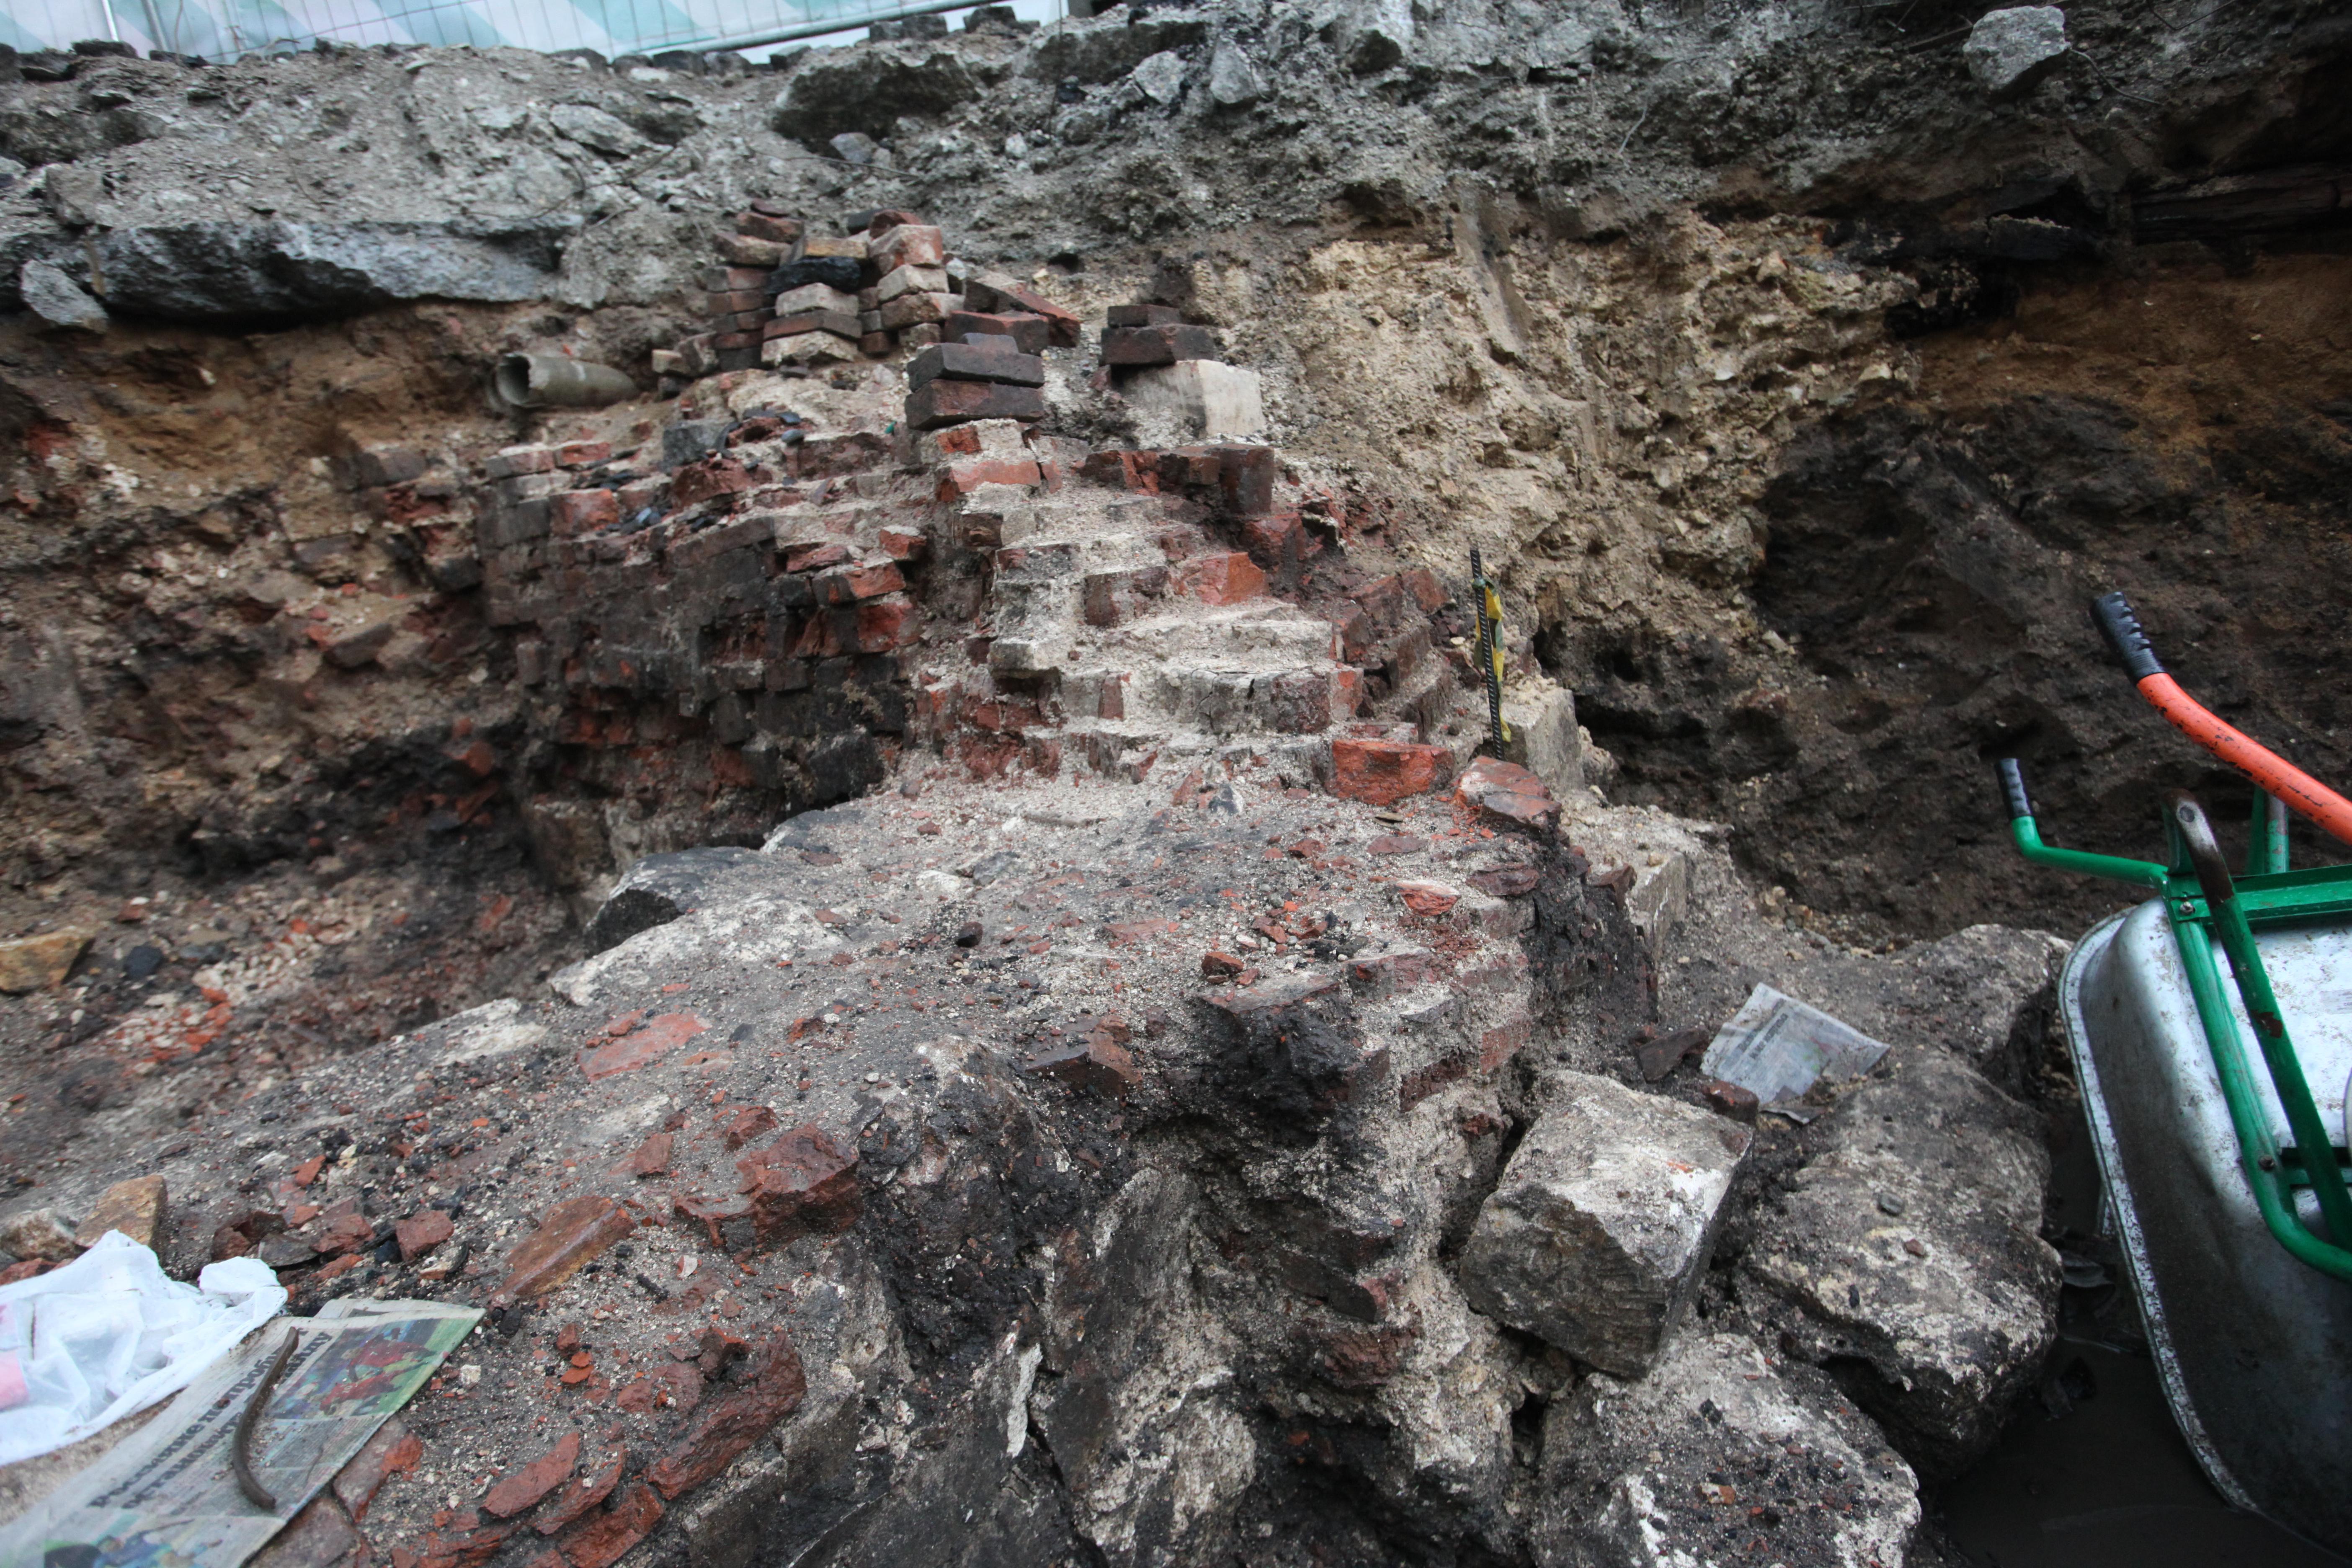 Археологические находки на месте Биржевой площади в Москве